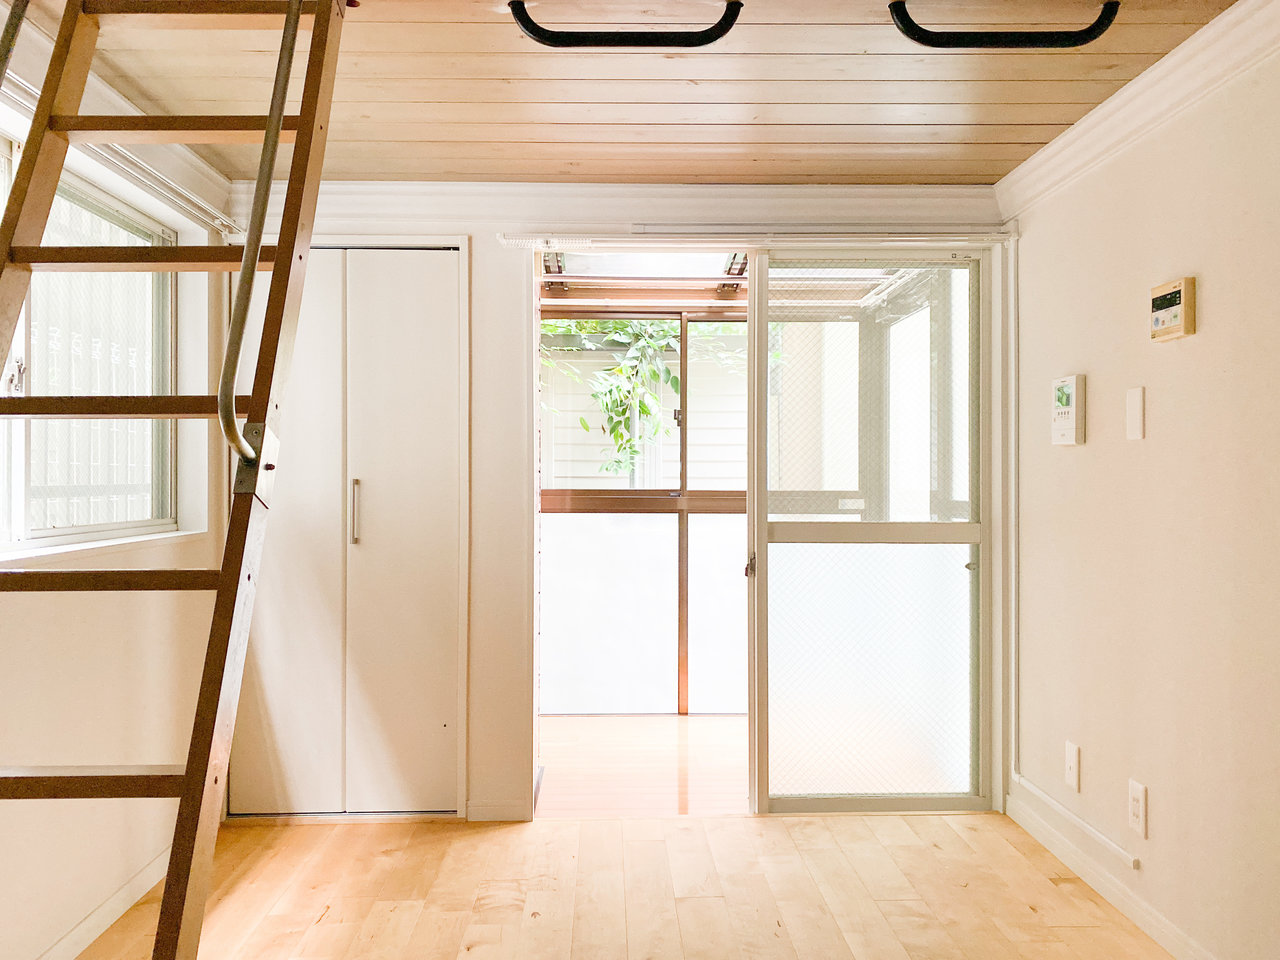 1階のお部屋ですが二面採光で明るい雰囲気。棚やクローゼット、ロフトがあるため、お部屋はスッキリ片付きそう。